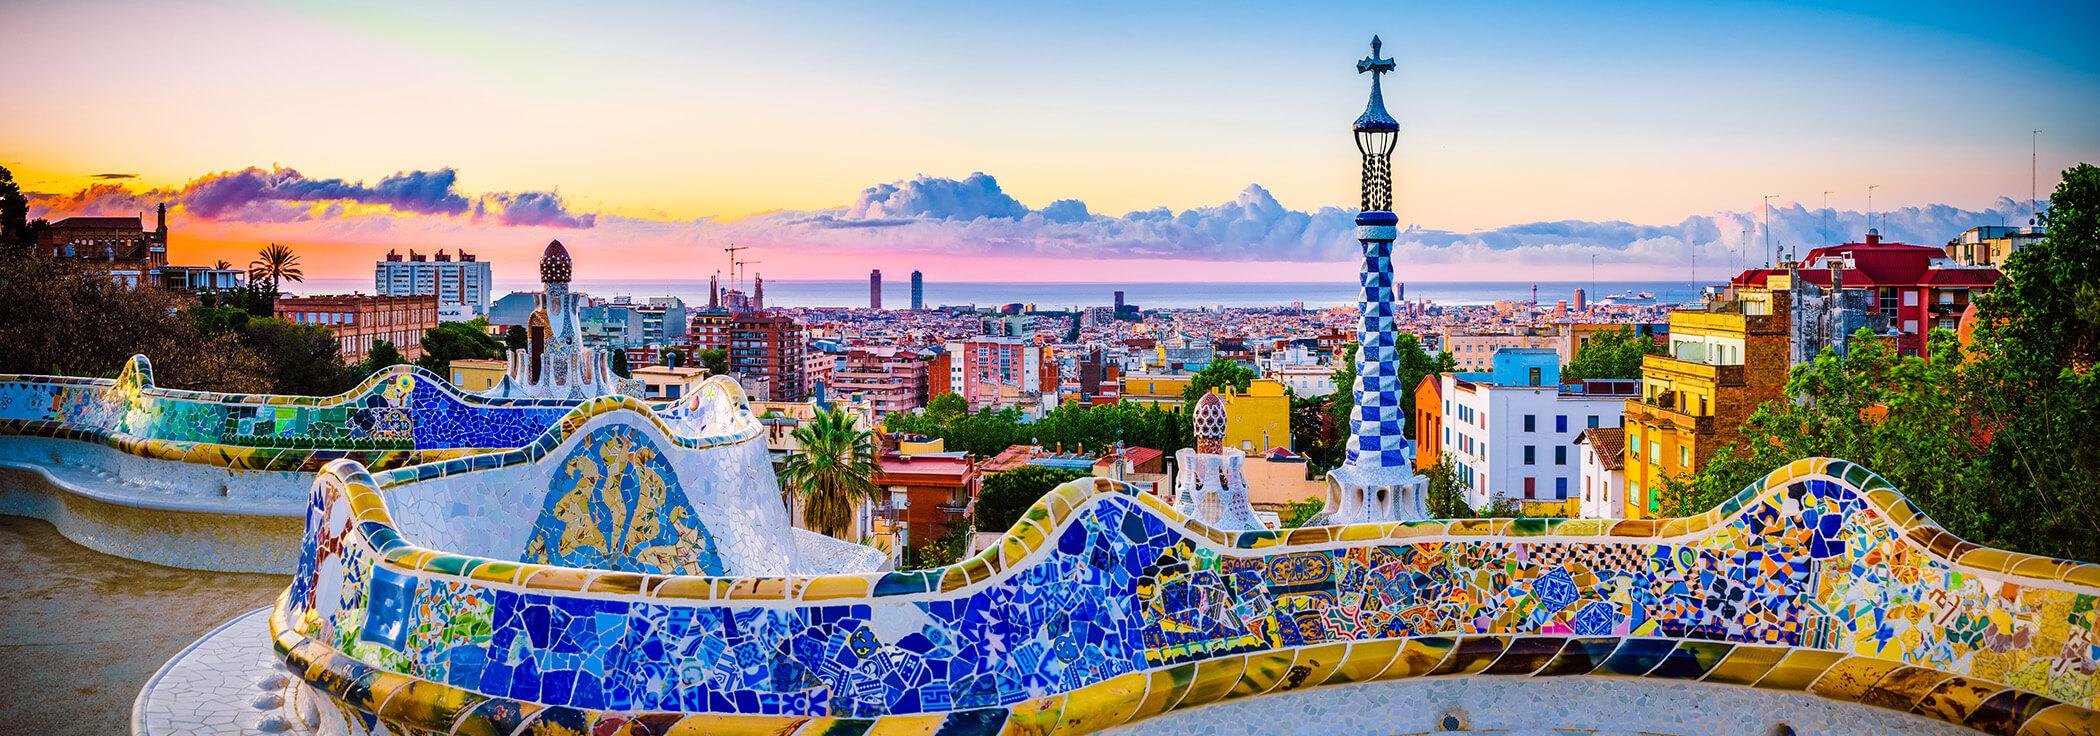 Verhuizen naar Spanje - Transpack